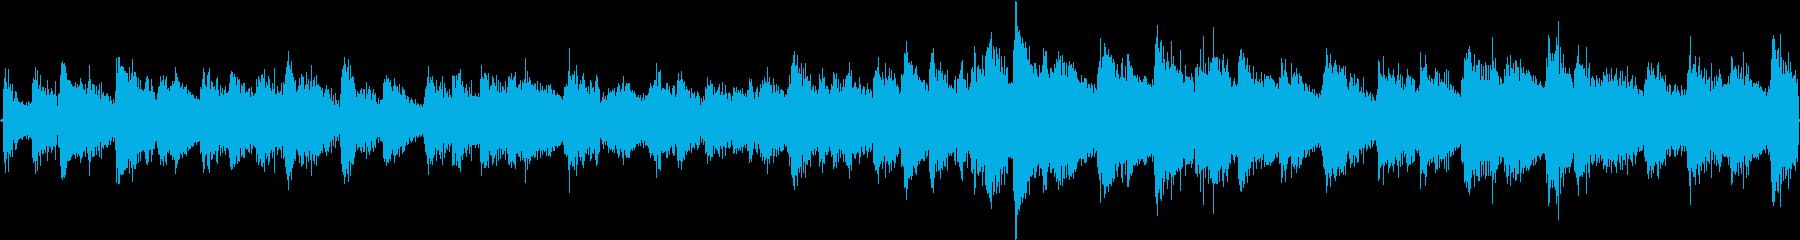 ジャズ系の曲で、着信音などに適していますの再生済みの波形